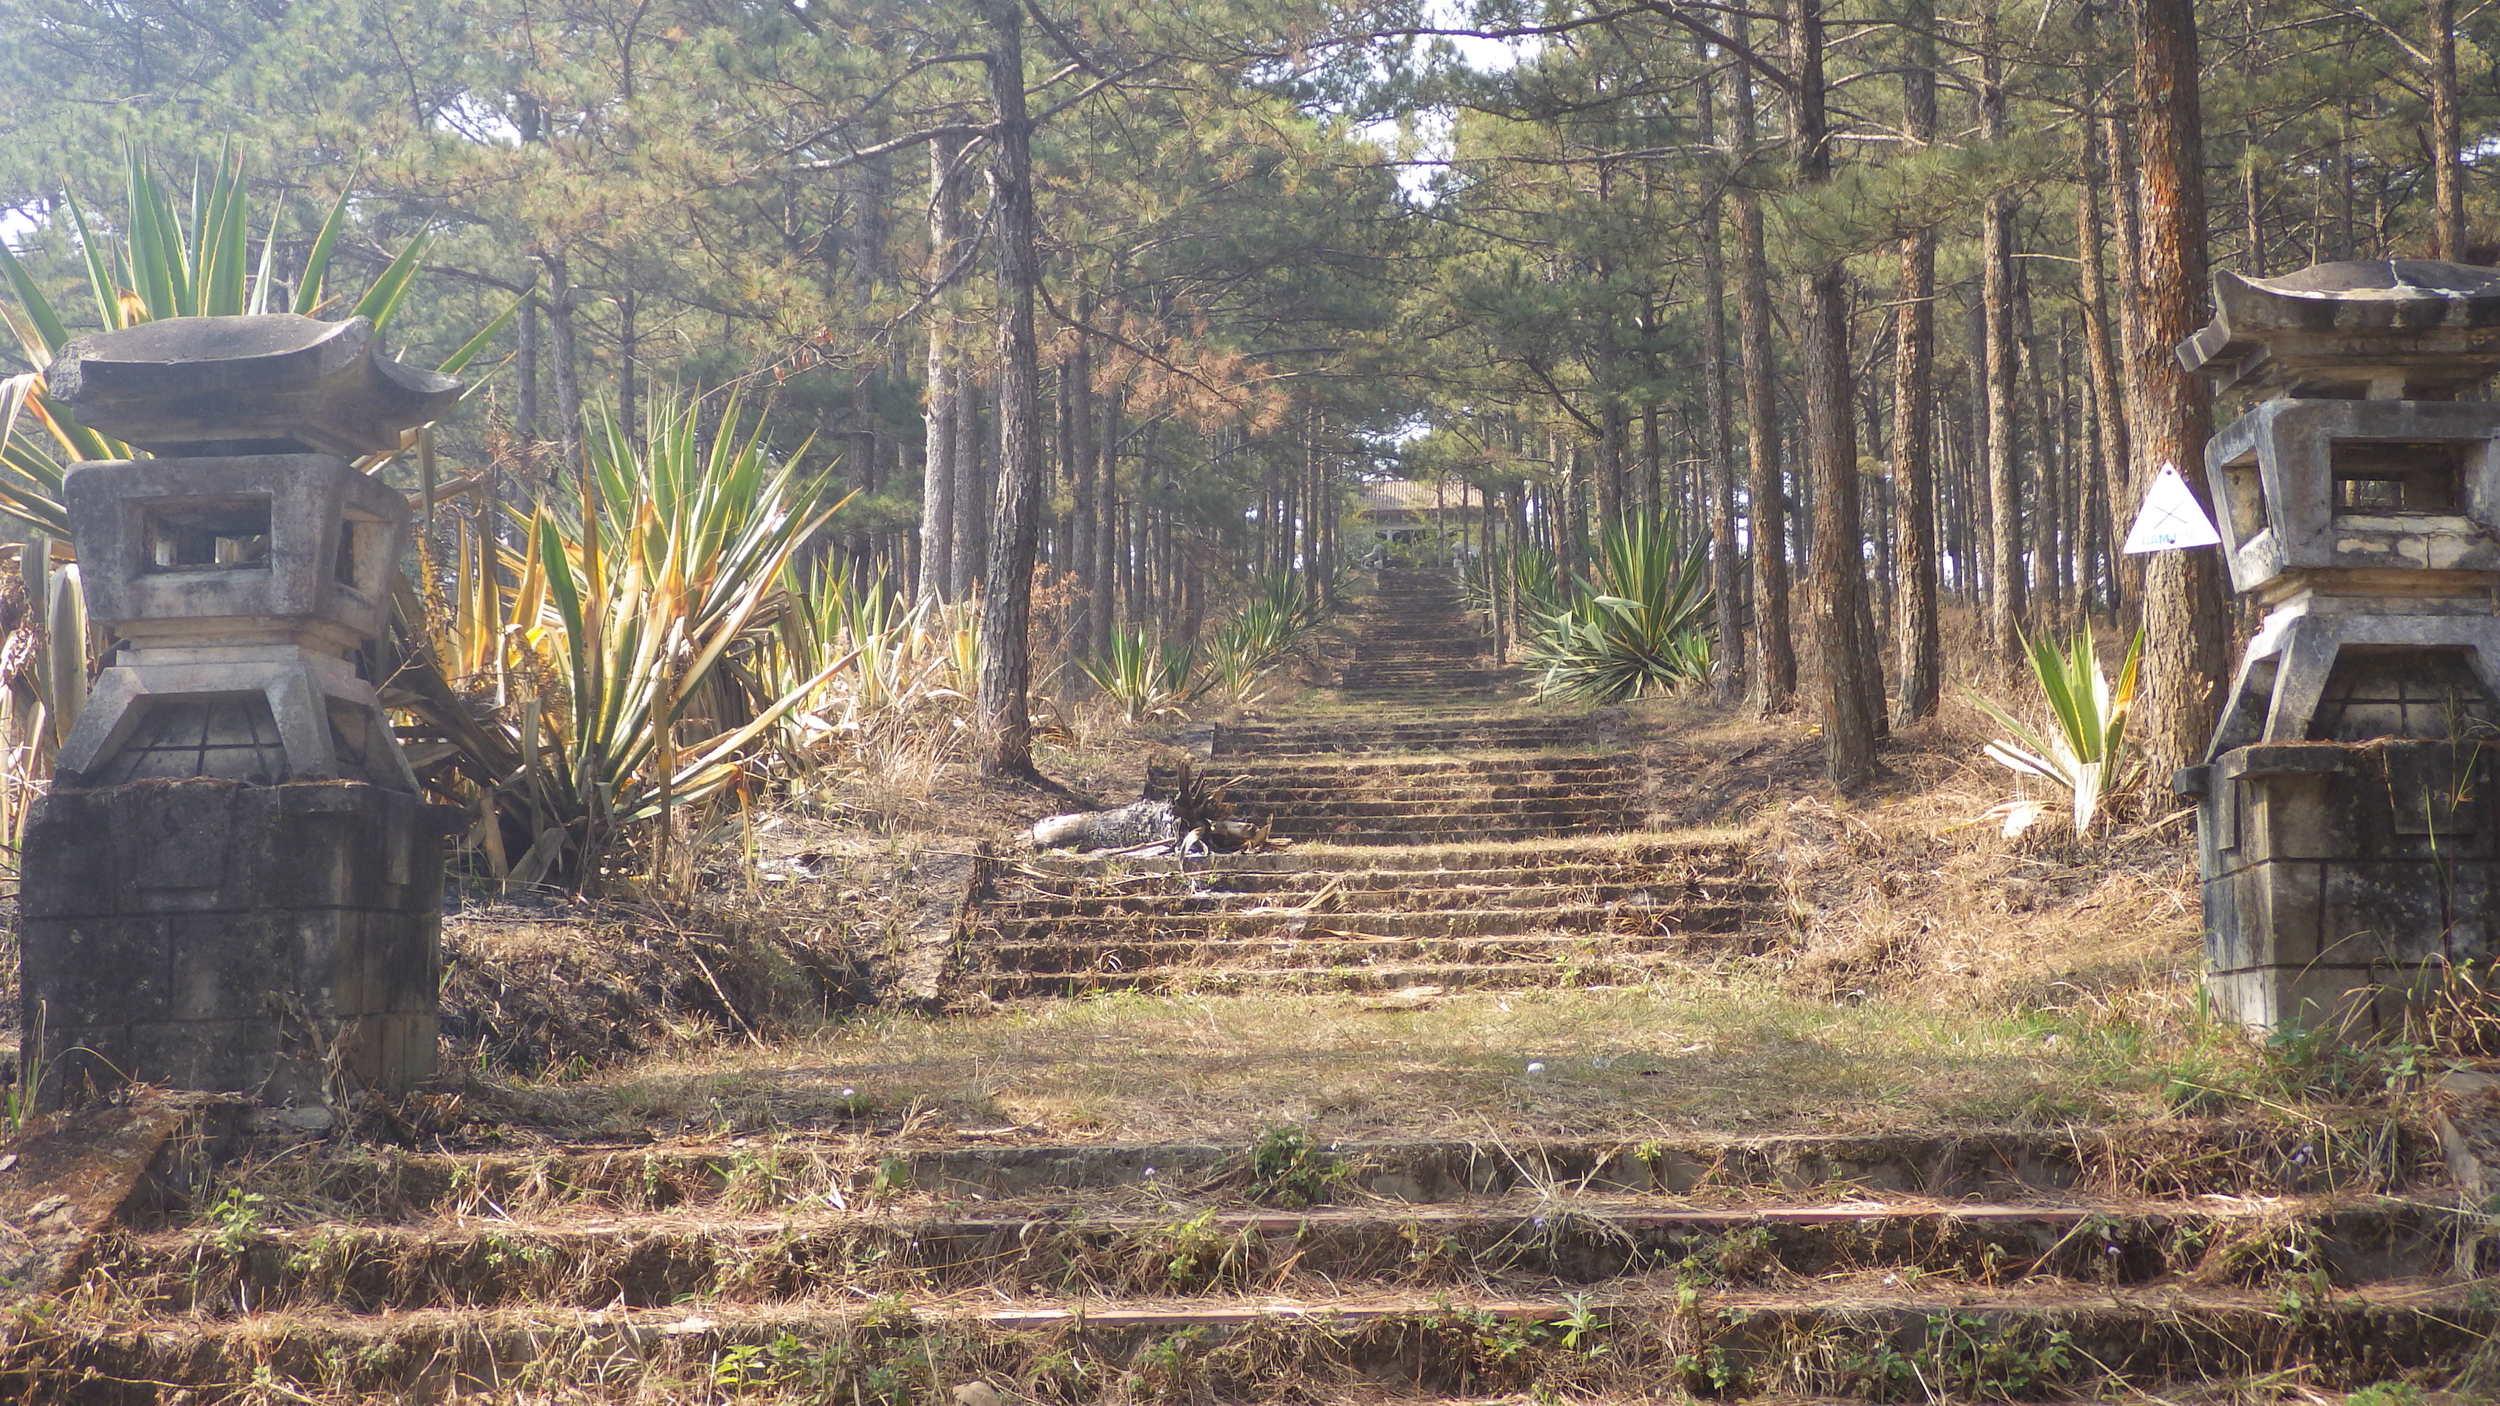 Ten million billion treacherous steps covered in slippery pine needles.